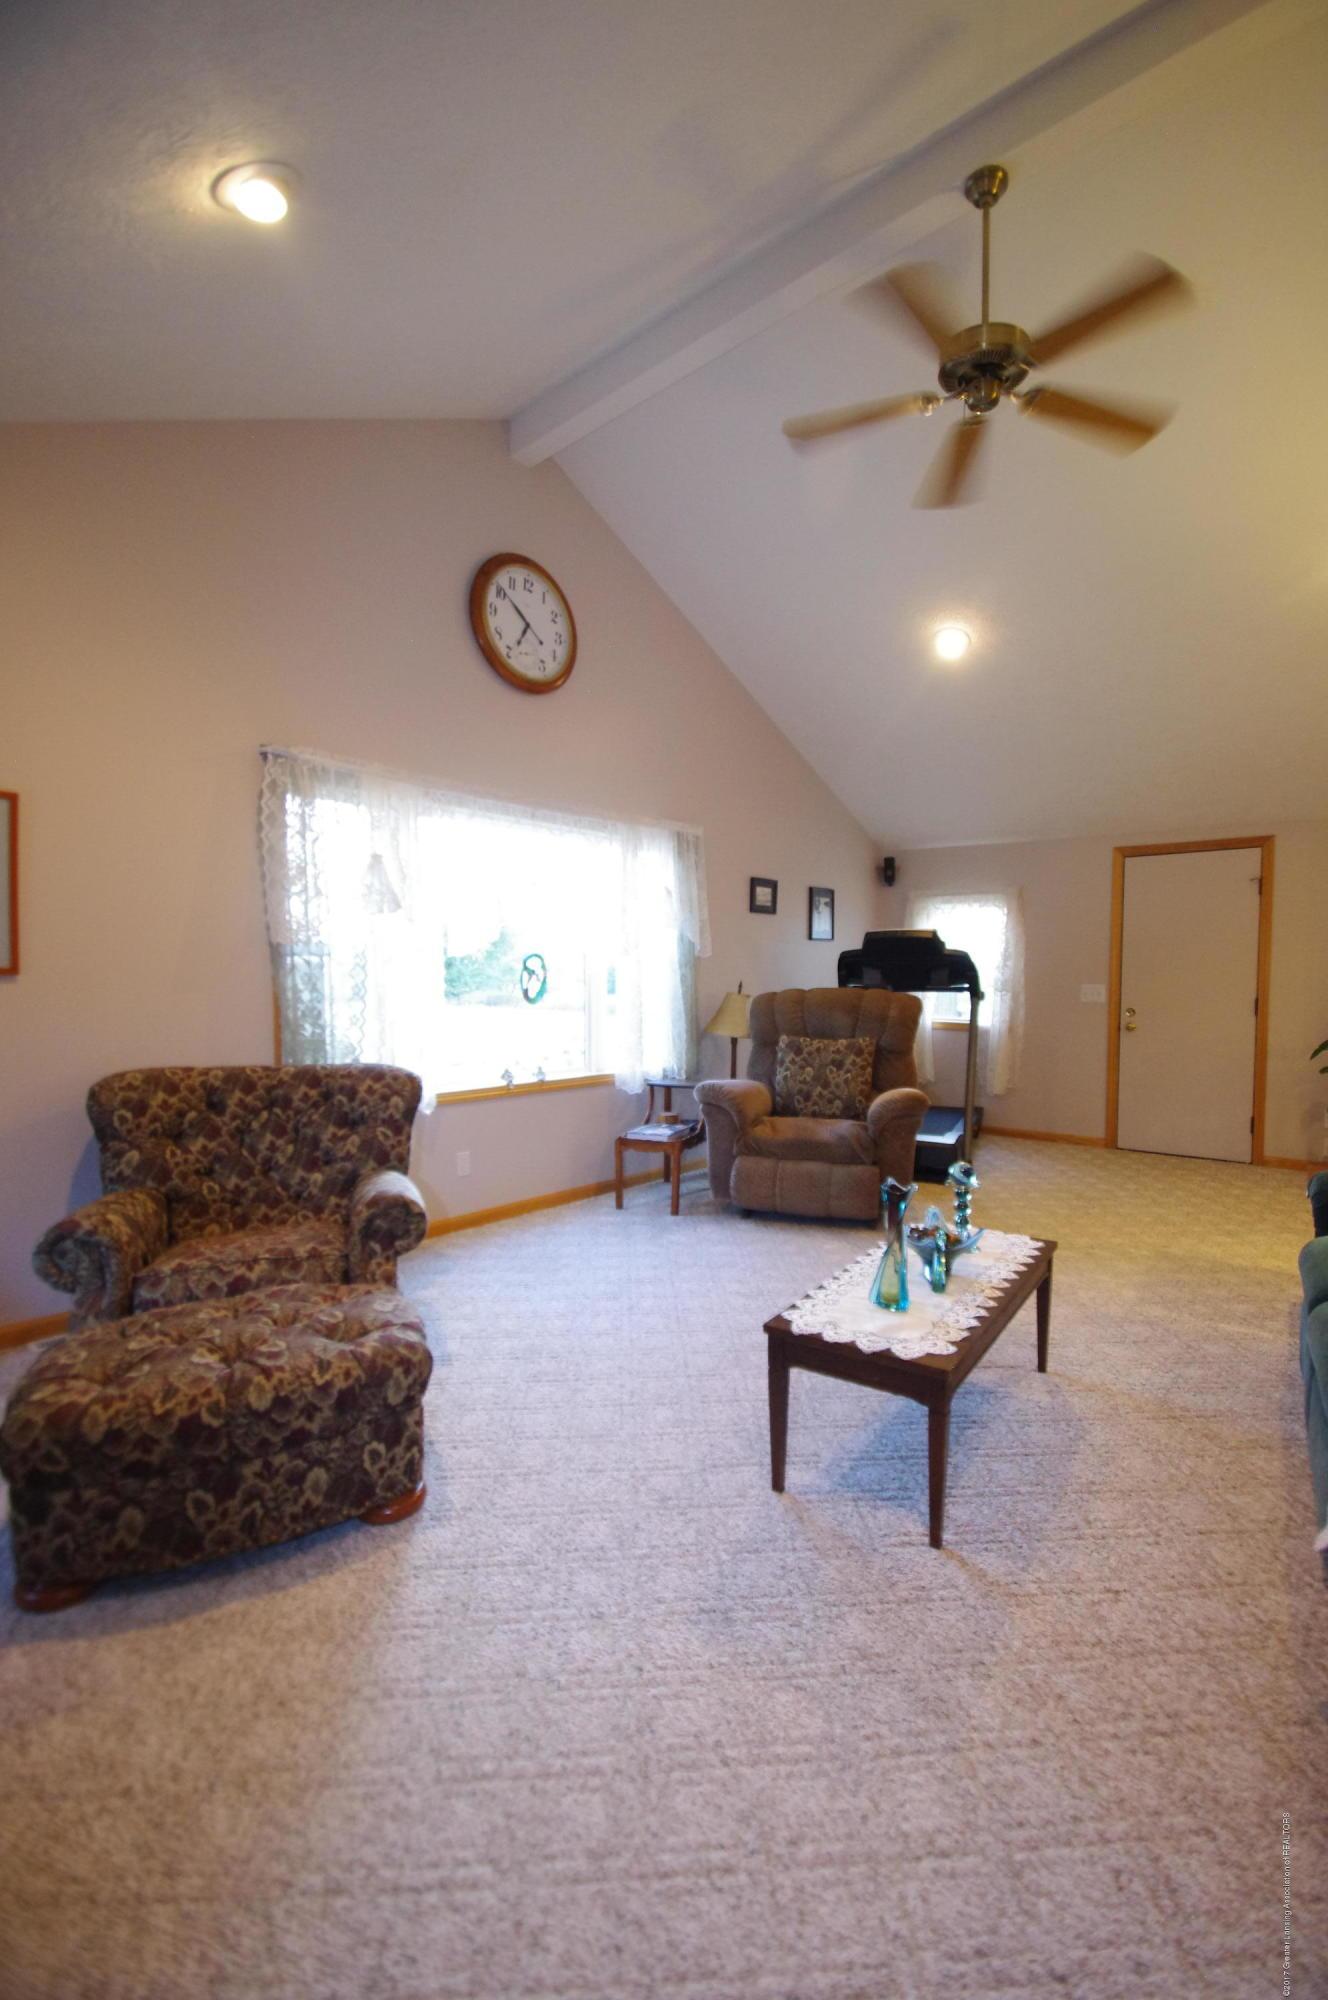 5545 S Krepps Rd - Living Room - 6